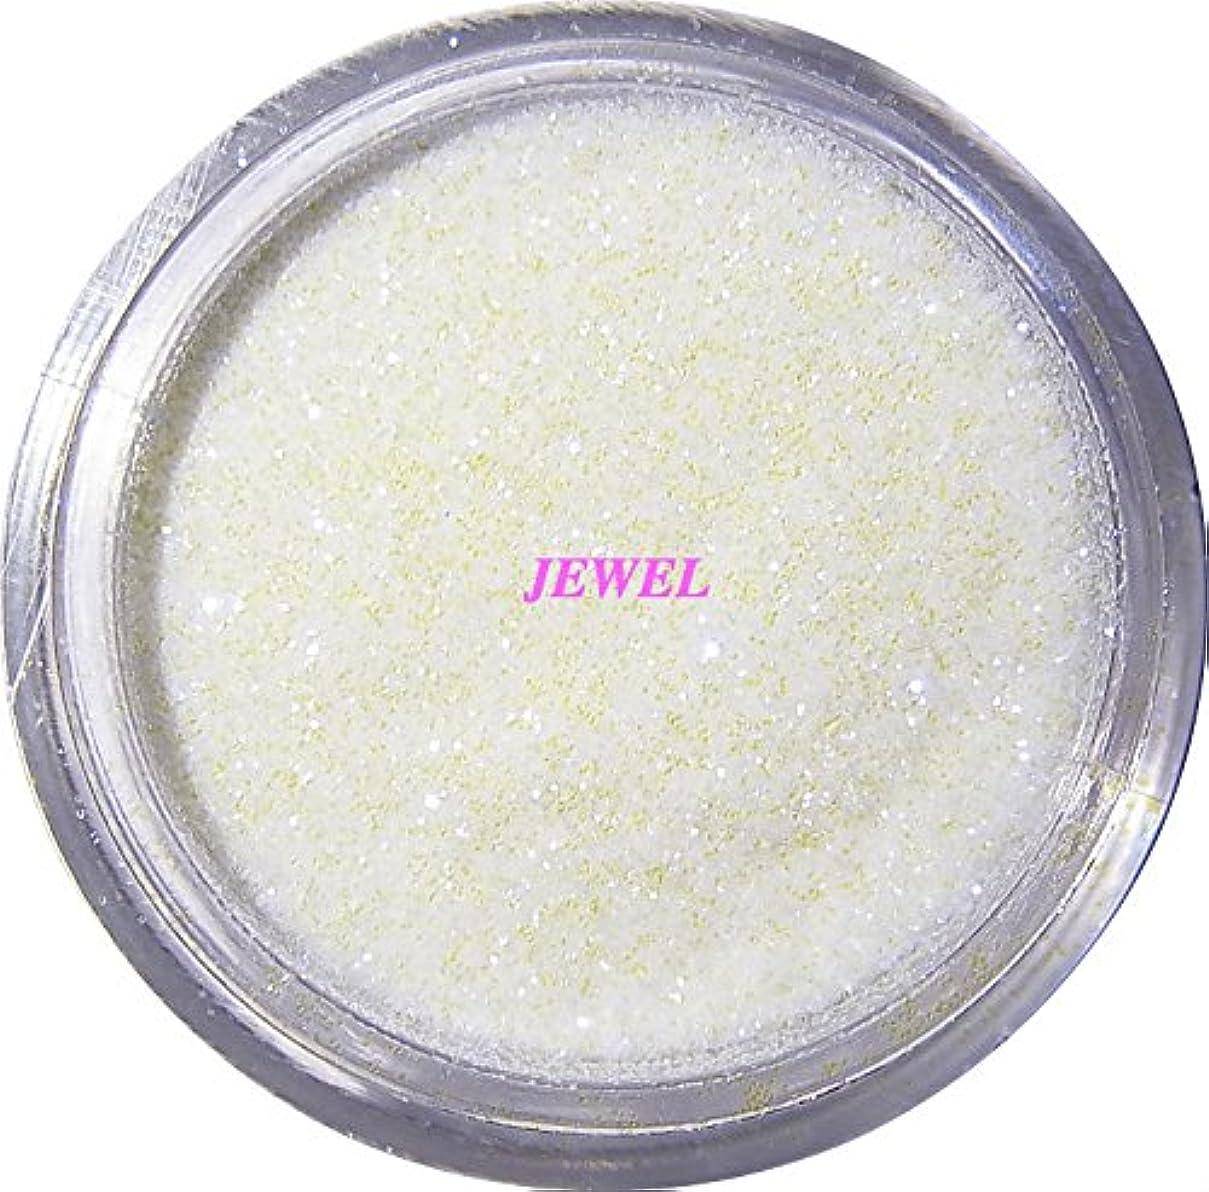 しみ可塑性夢中【jewel】 超微粒子ラメパウダー(白/パールホワイト) 256/1サイズ 2g入り グリッター レジン&ネイル用